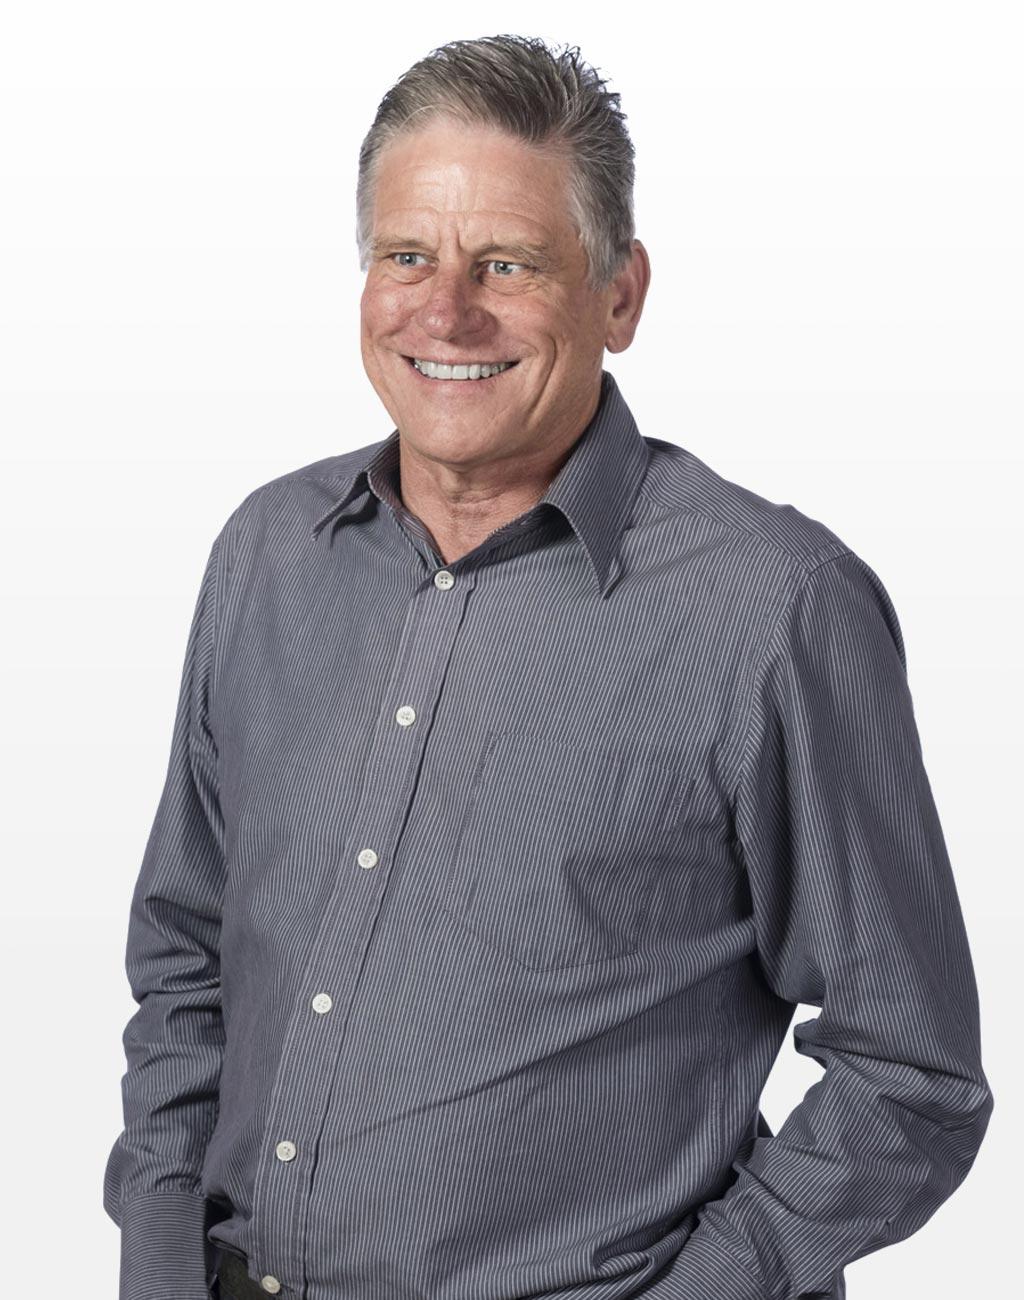 Peter Zillman